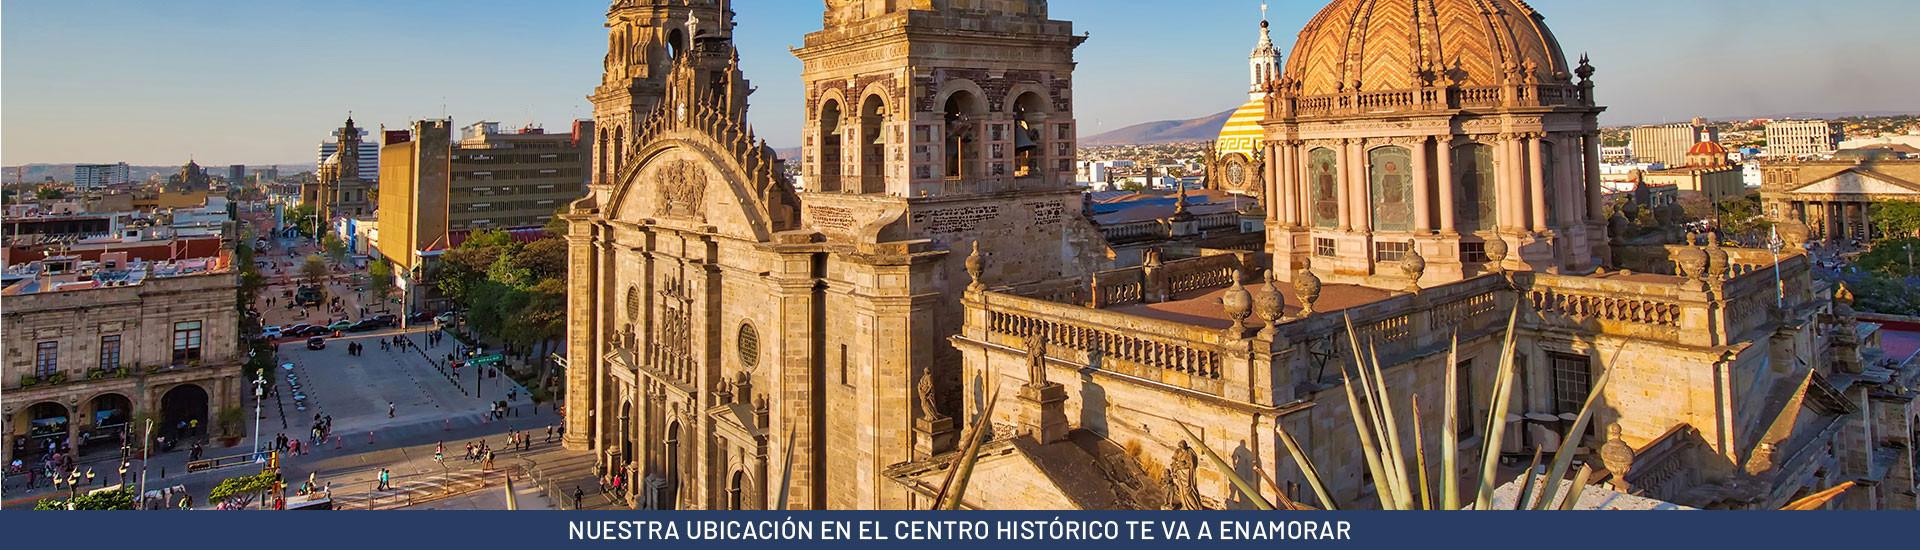 NUESTRA UBICACIÓN EN EL CENTRO HISTÓRICO TE VA A ENAMORAR